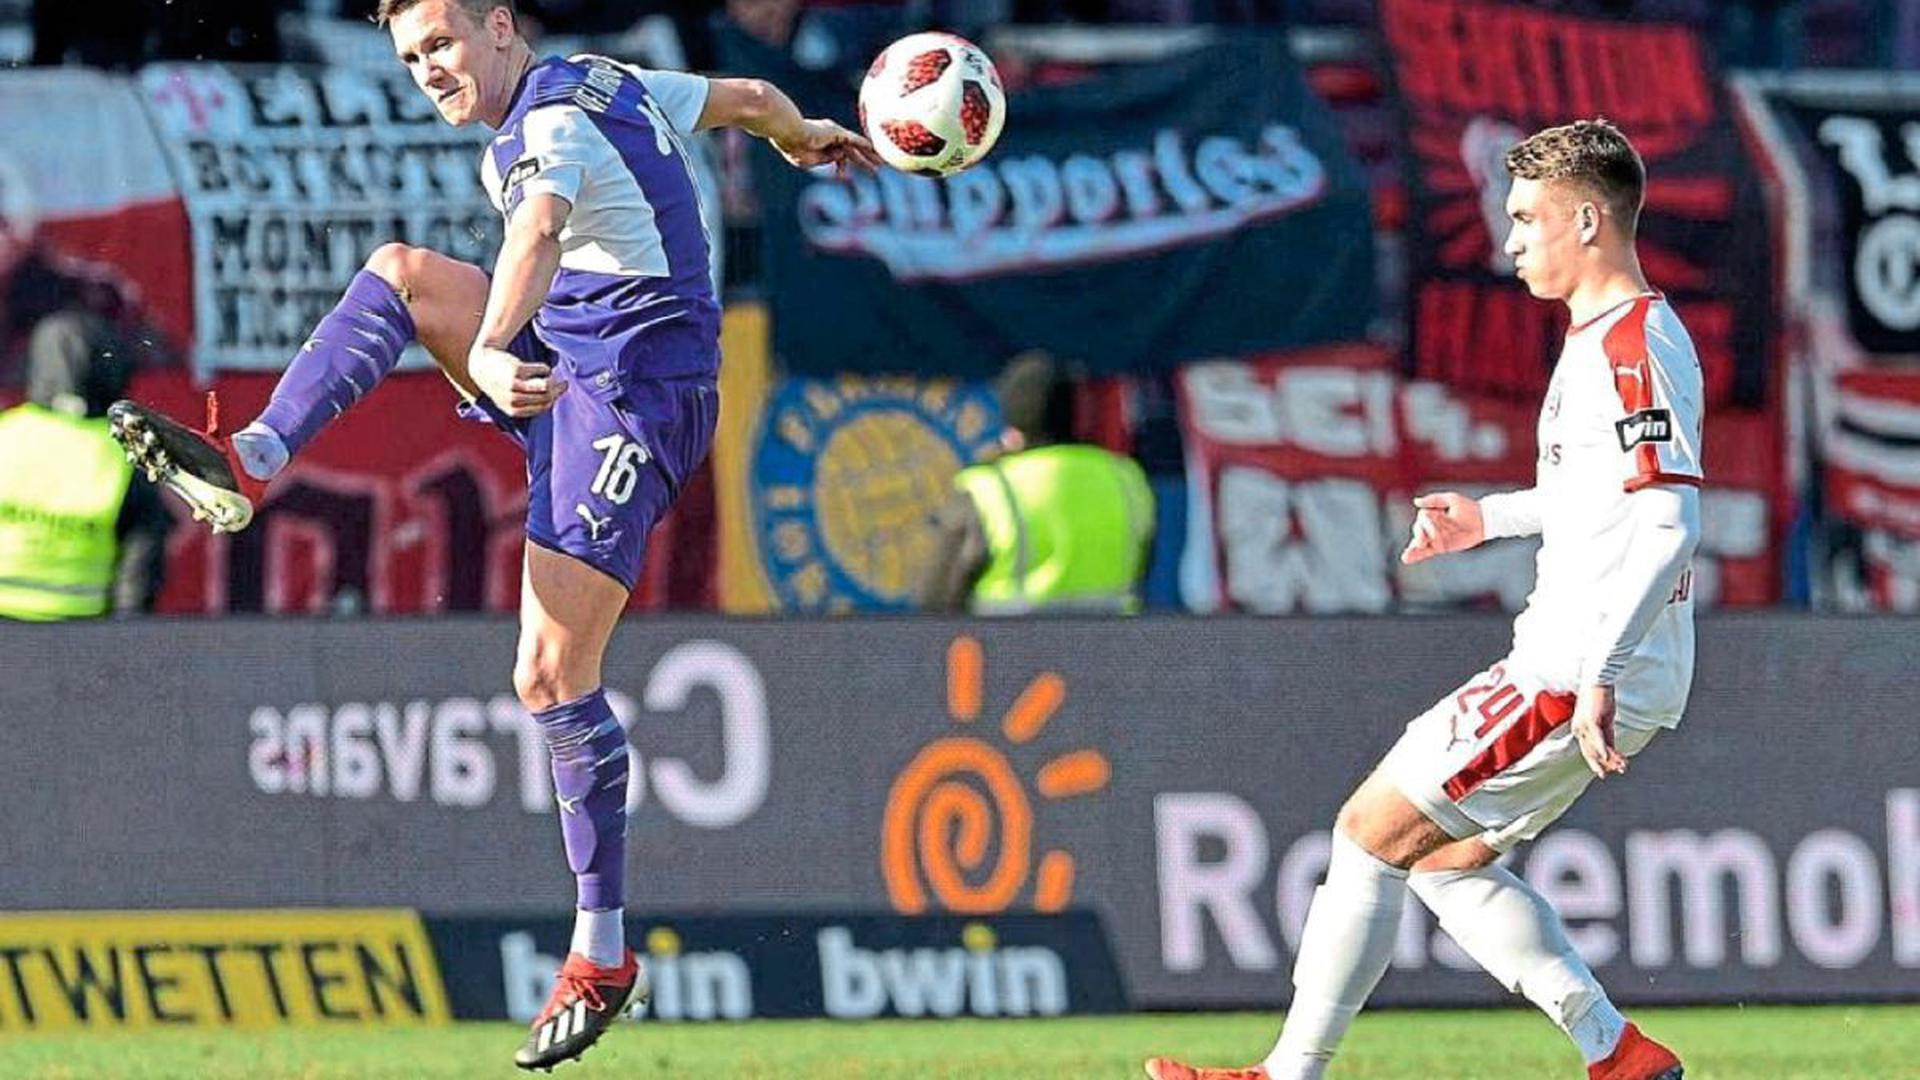 Sein Debüt für den VfL Osnabrück gab der beim Karlsruher SC ausgebildete Verteidiger Thomas Konrad (links) am vergangenen Wochenende beim 2:0 gegen Halle.